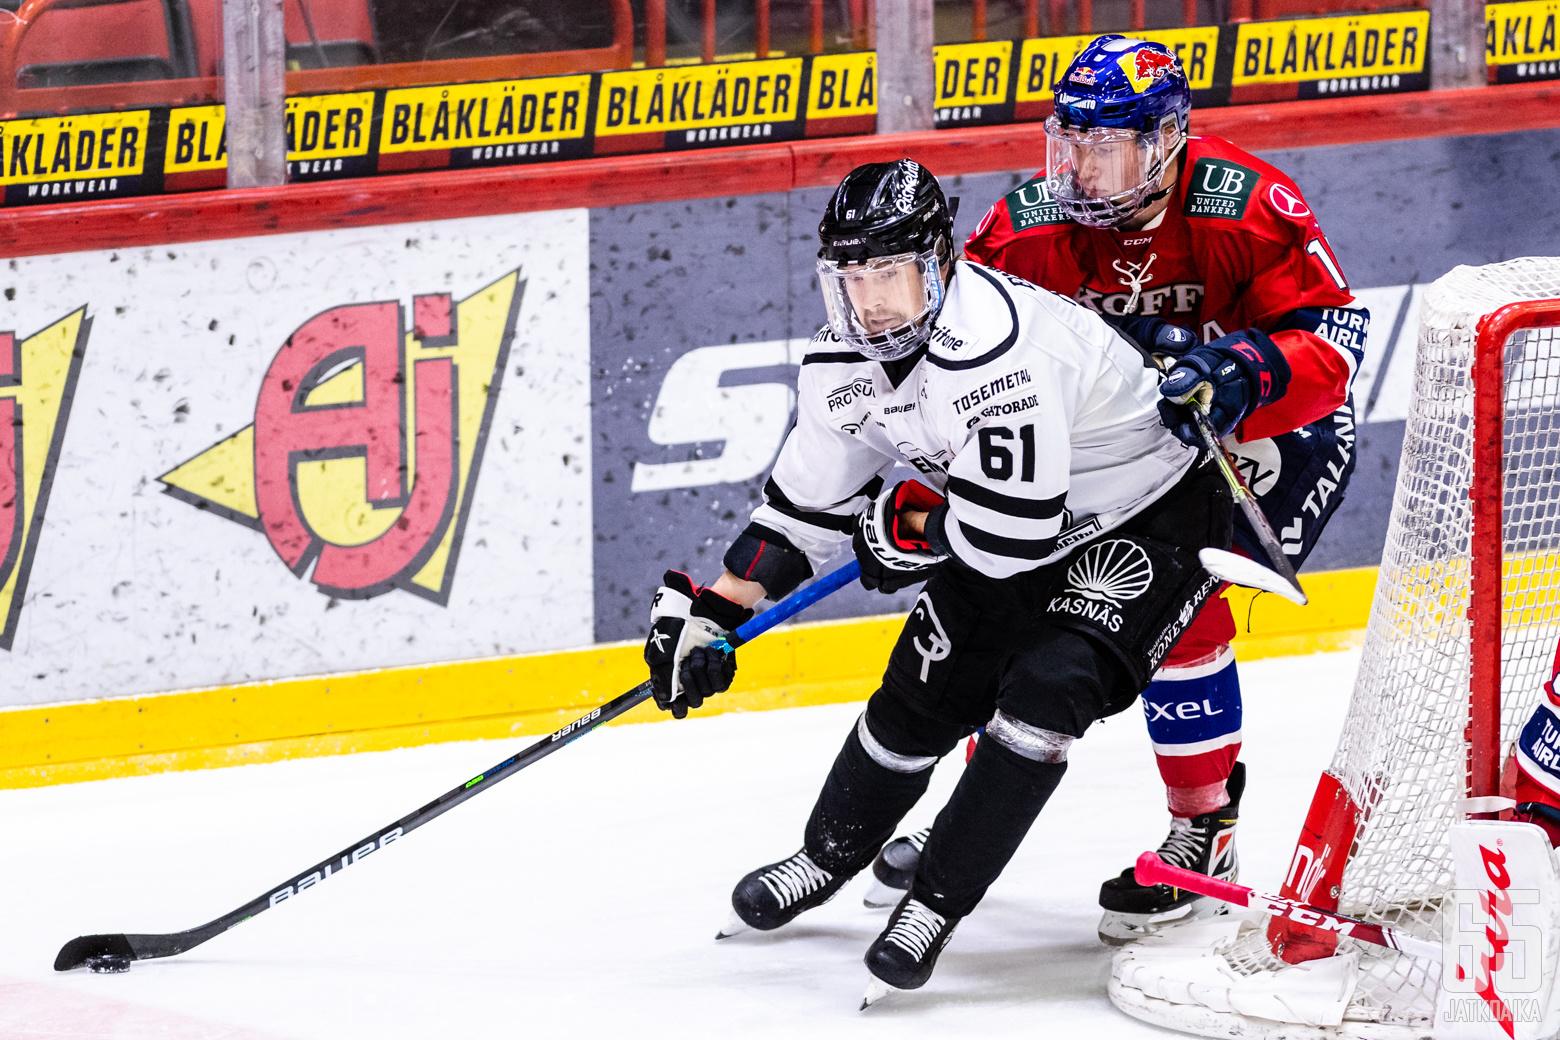 Liigan 1. välieräottelussa HIFK - TPS, Helsingin jäähallissa, 29. huhtikuuta 2021.